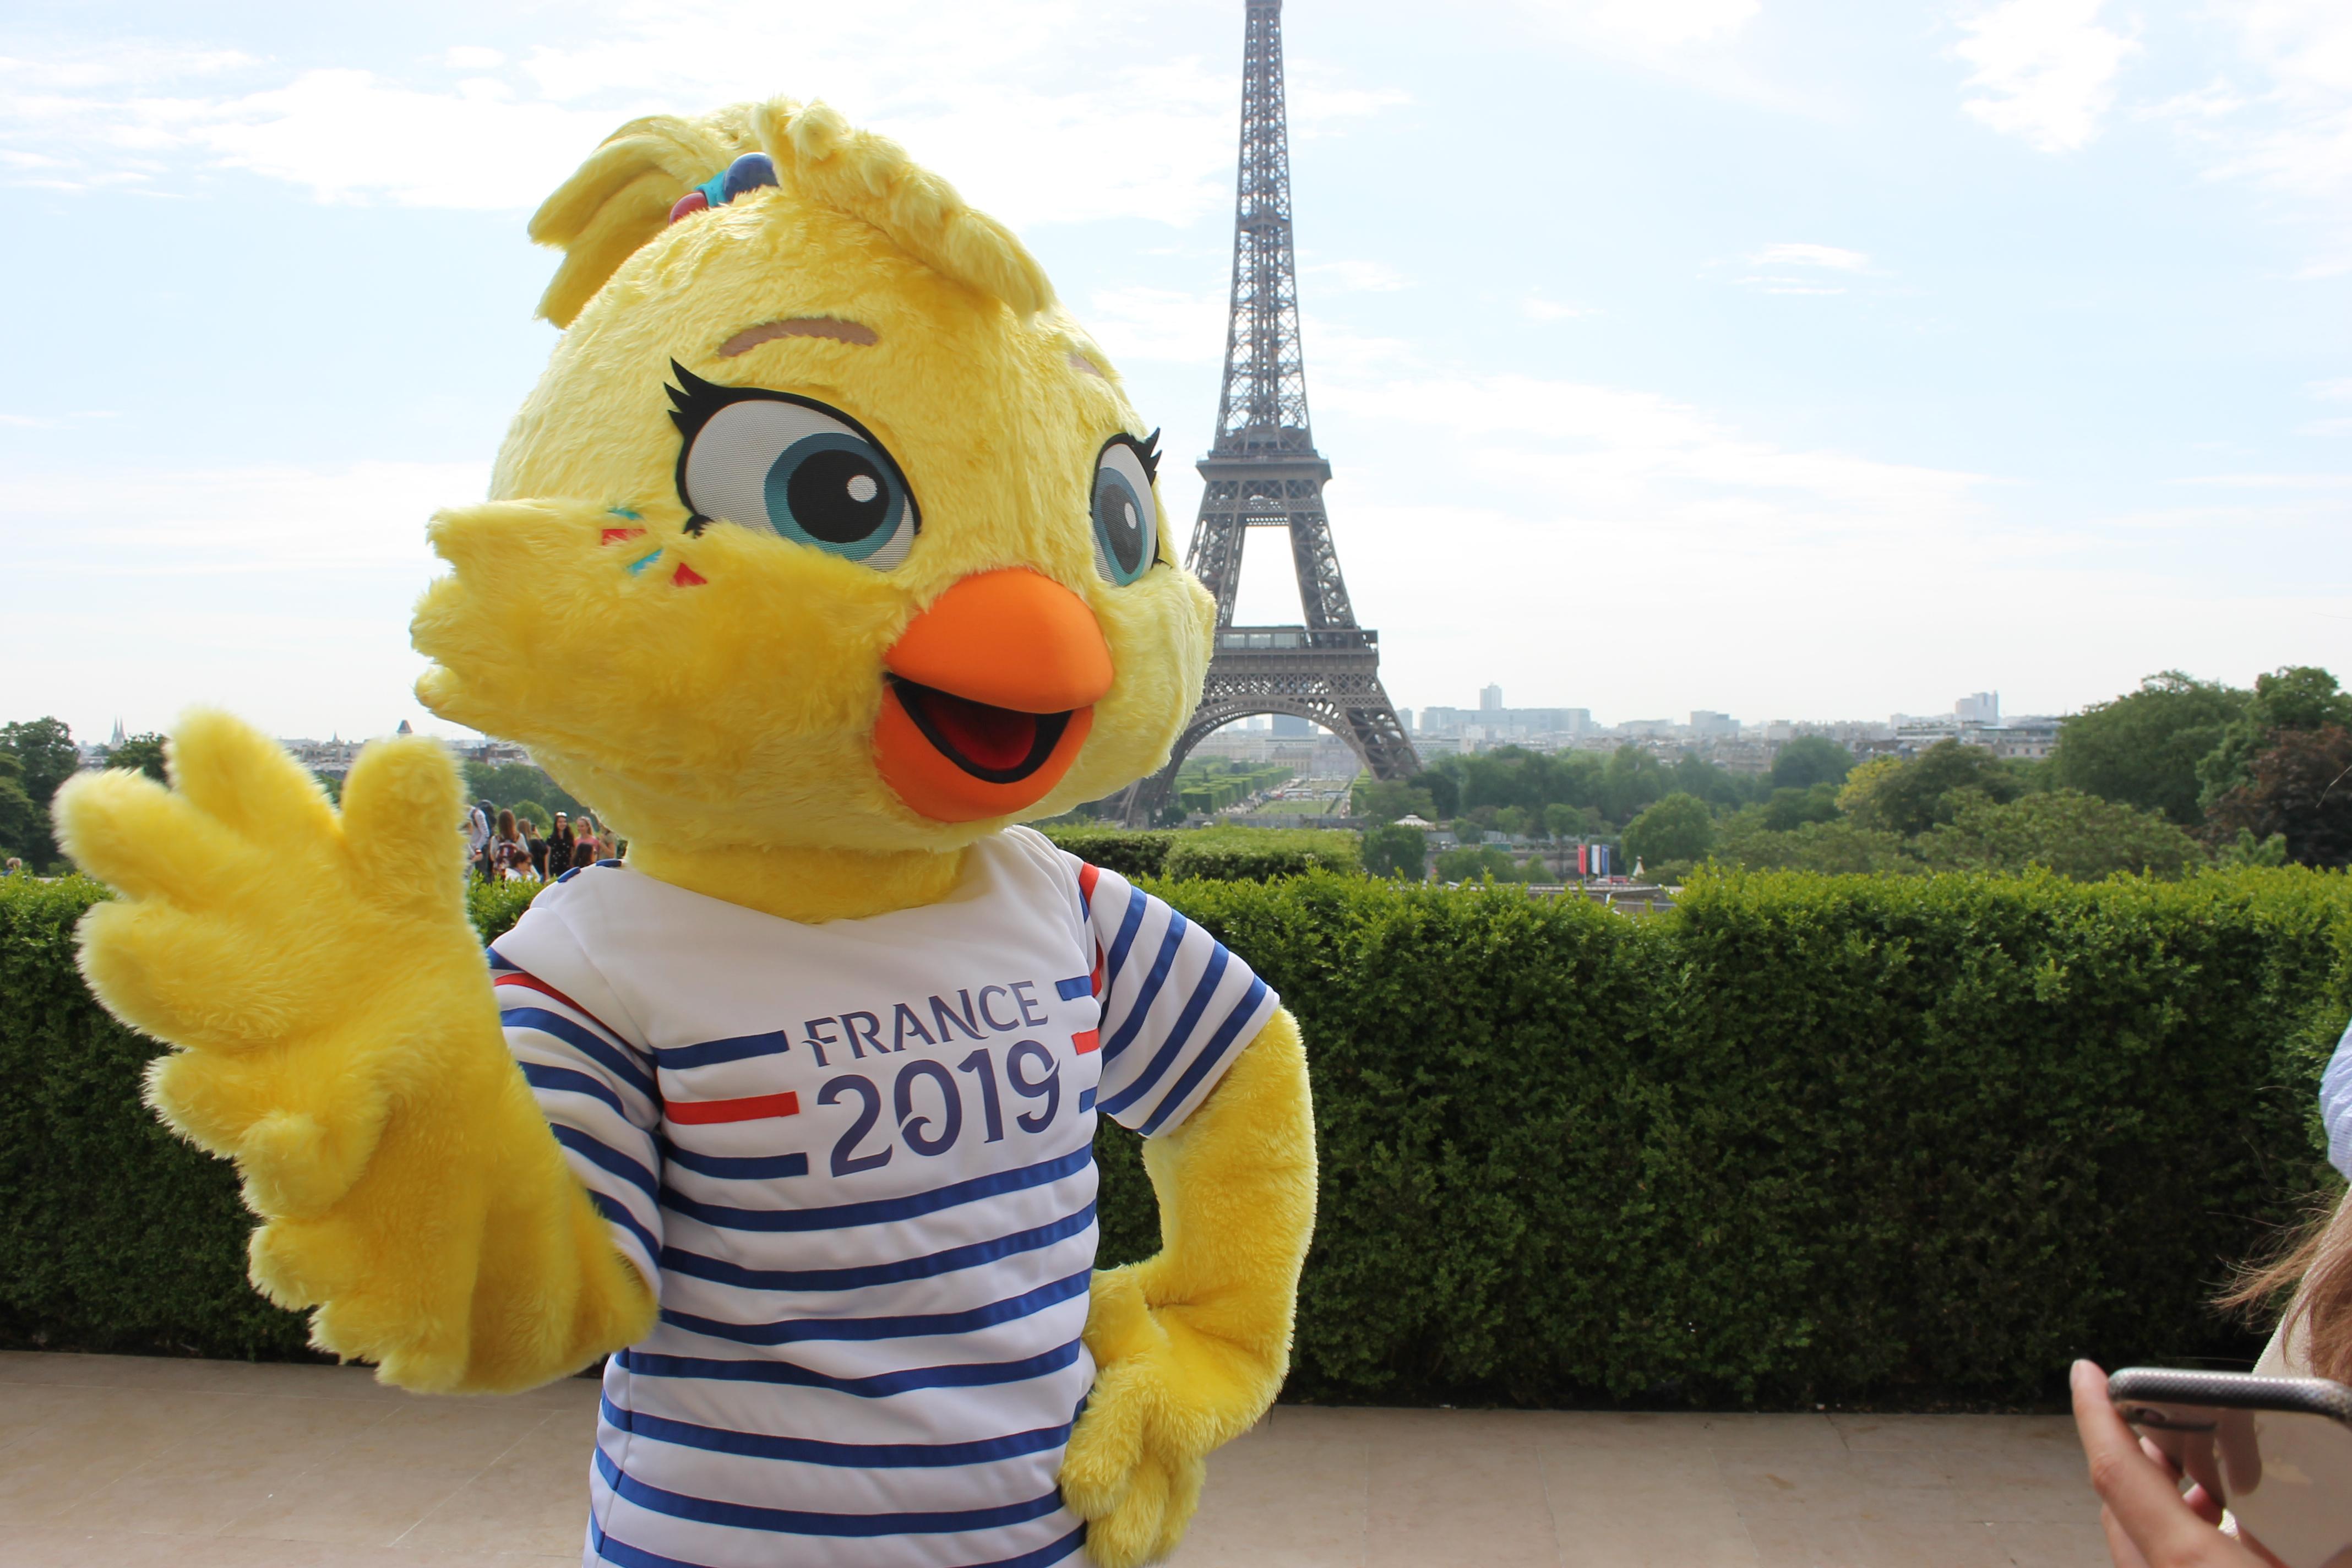 Il Ettie une fois : une histoire bien ficelée pour la mascotte de France 2019